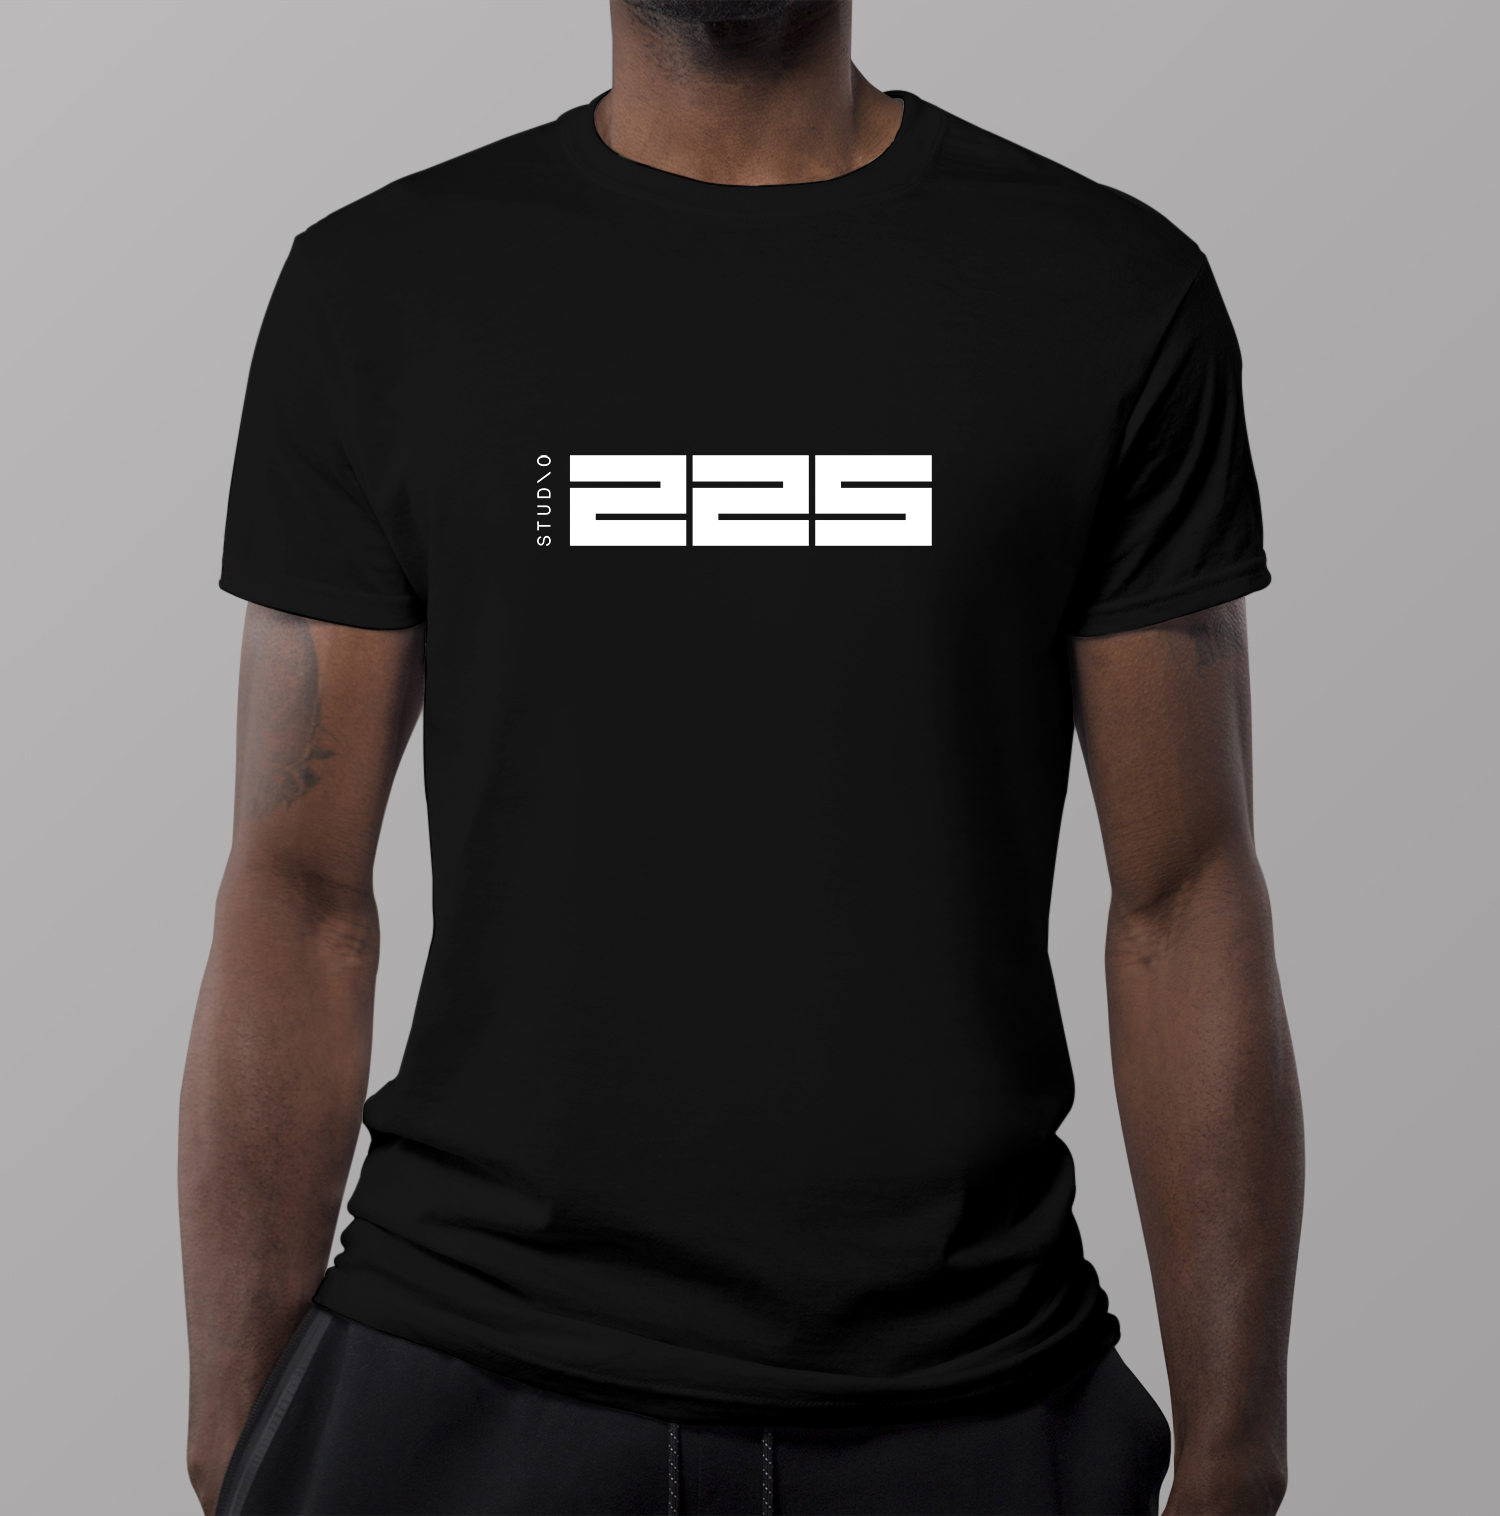 studio225_tshirt